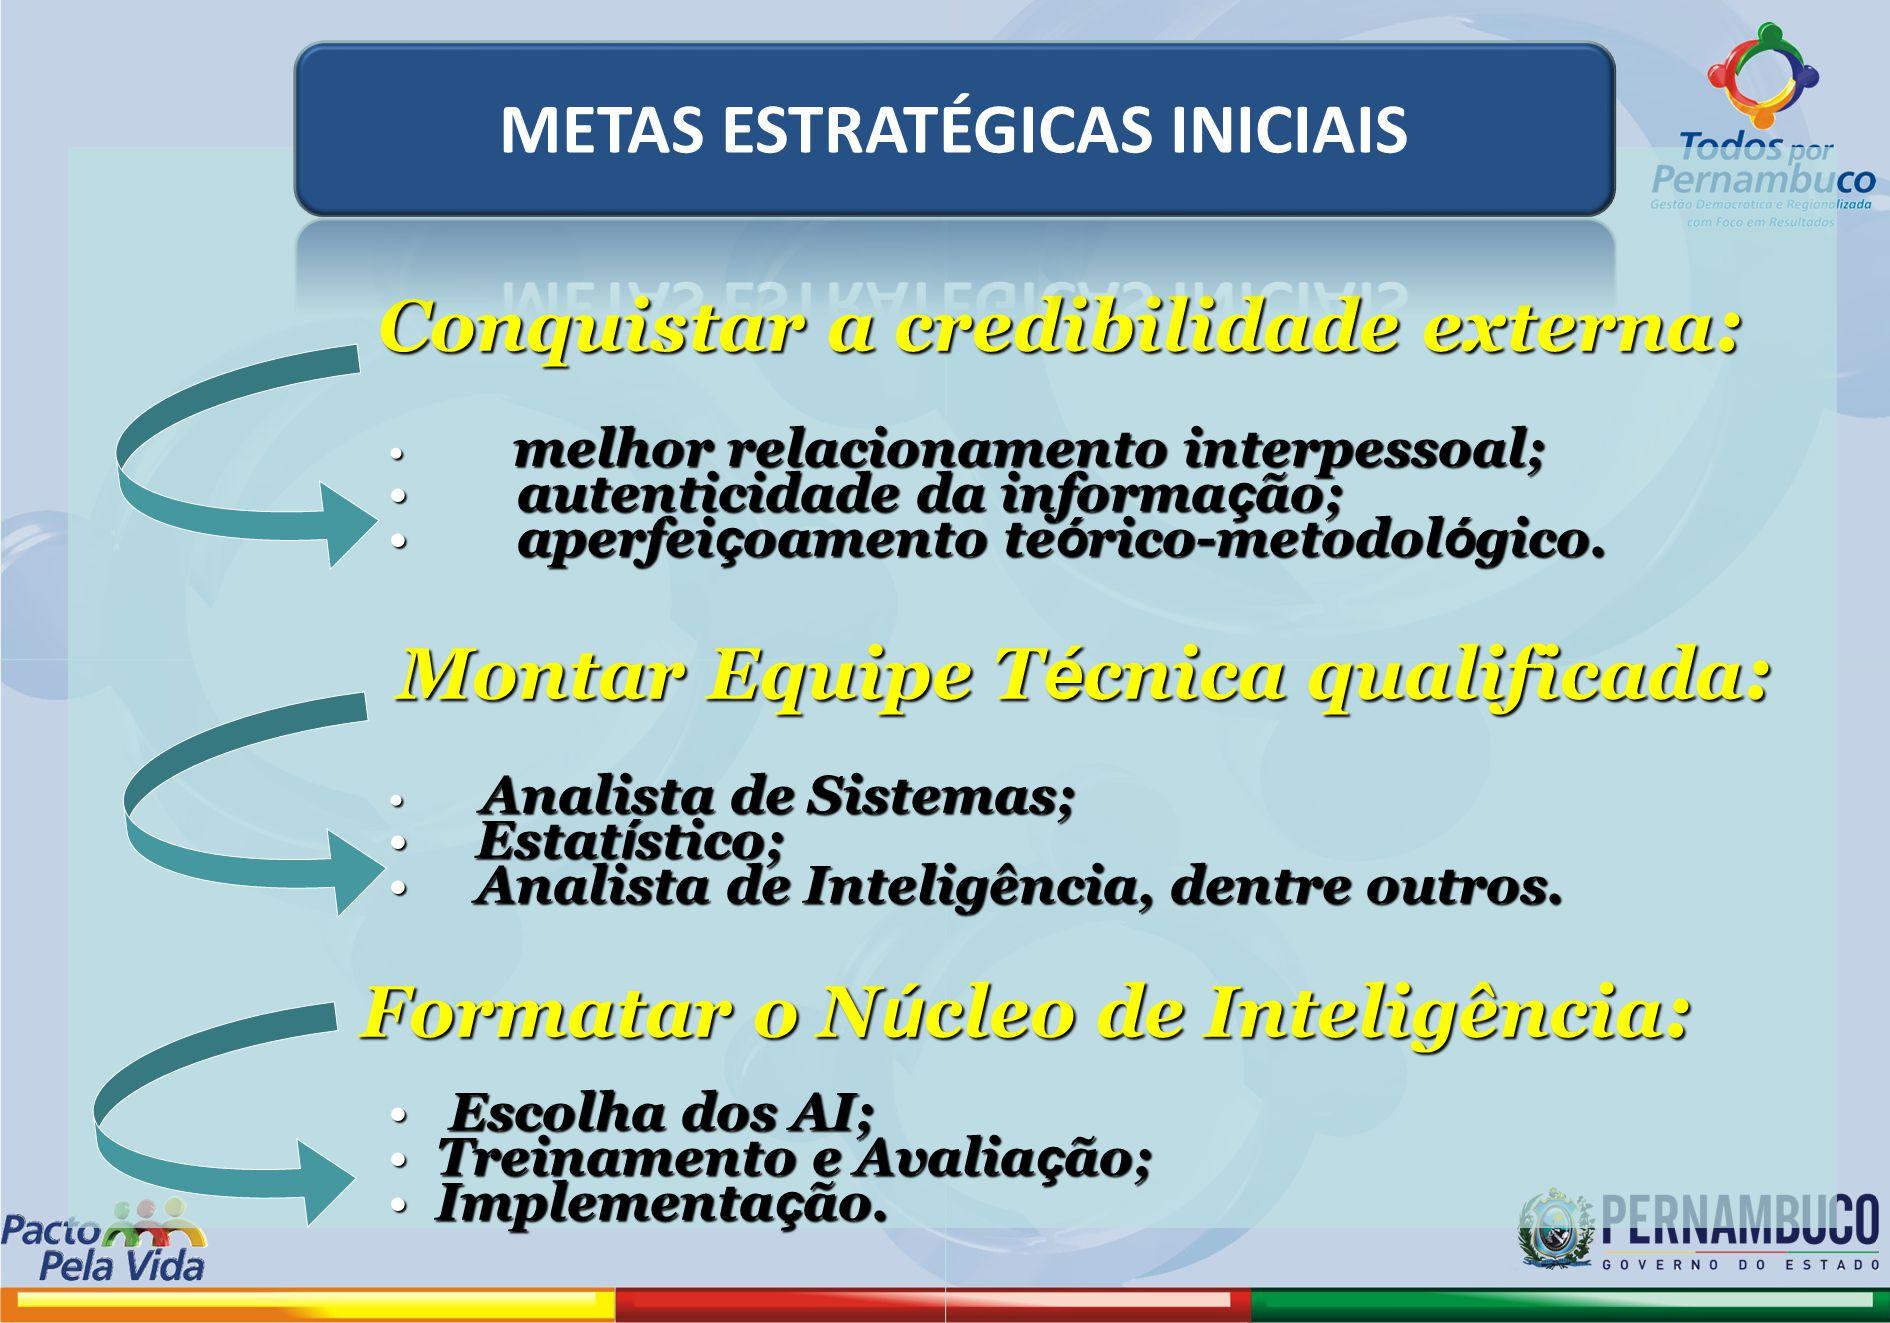 METAS ESTRATÉGICAS INICIAIS